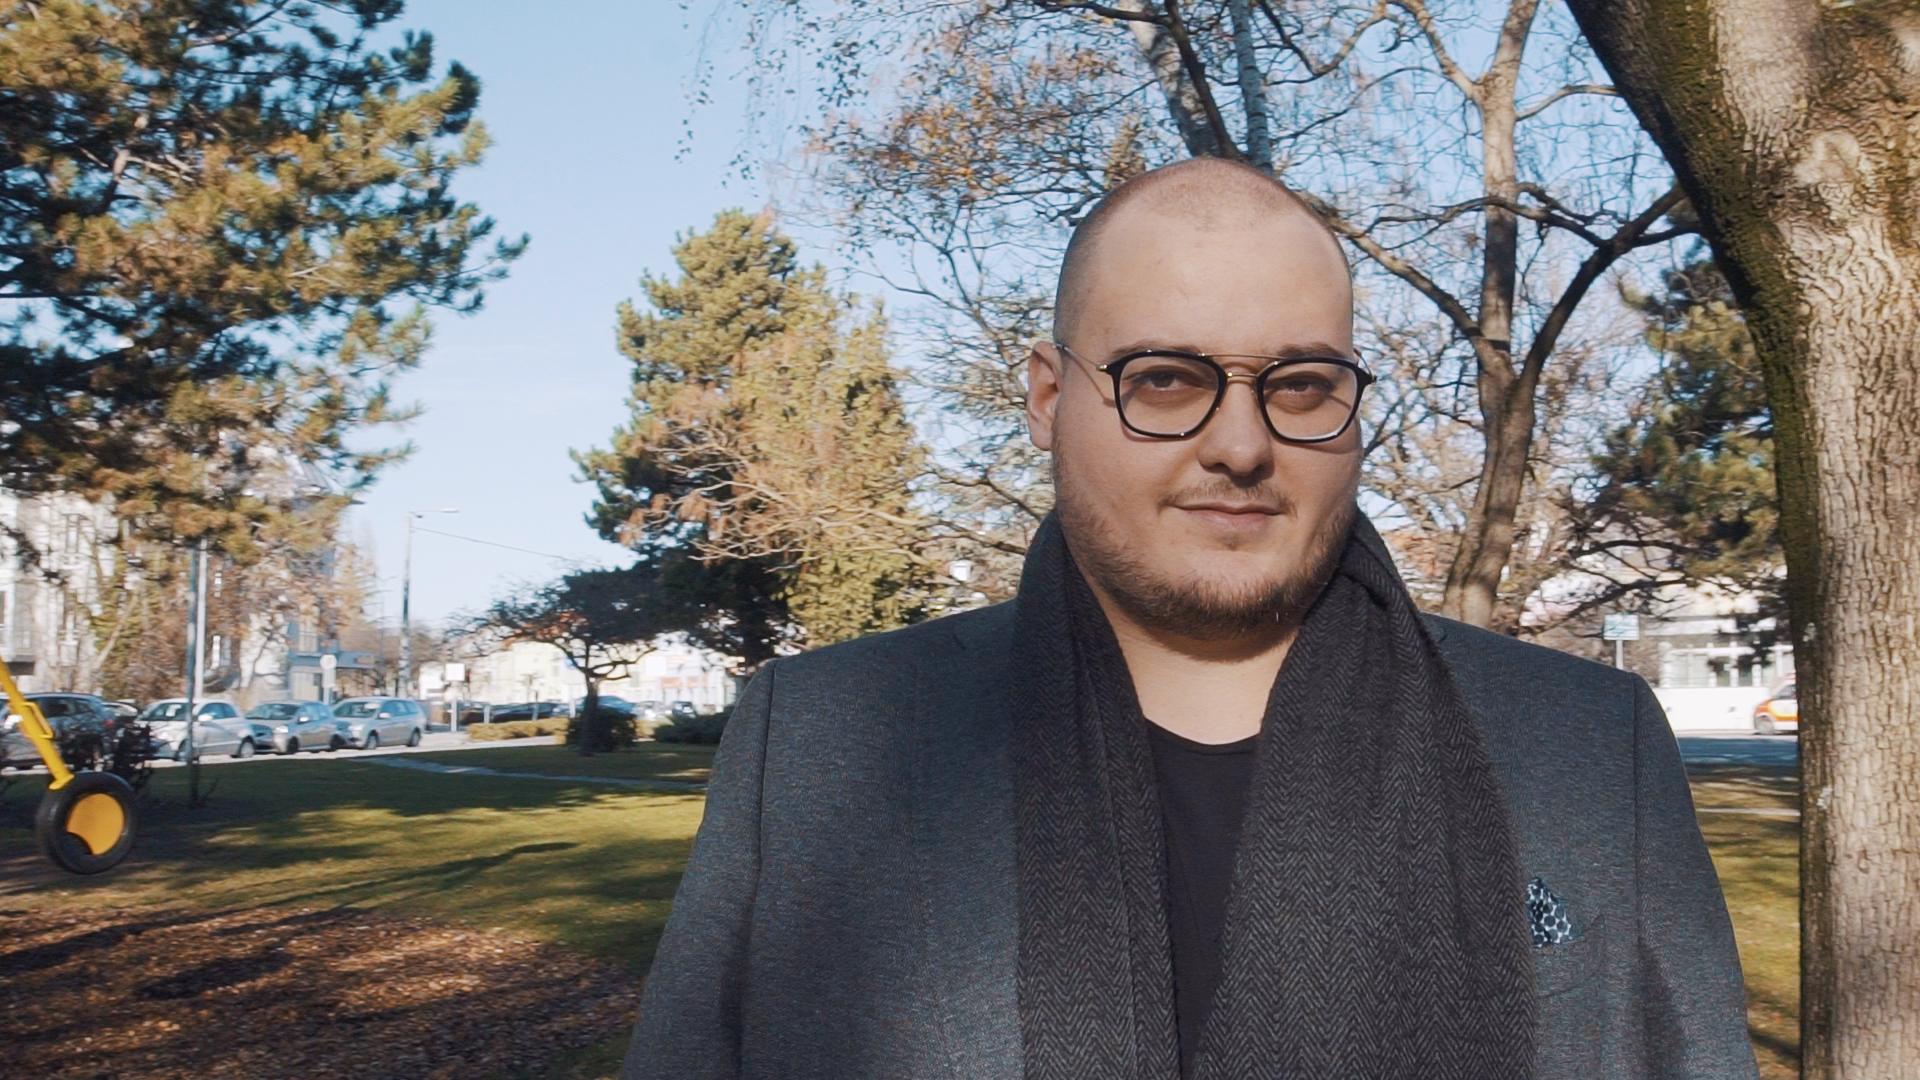 Ist Angestellter und Selbstständiger zugleich: Finanzberater Florim Ismaili